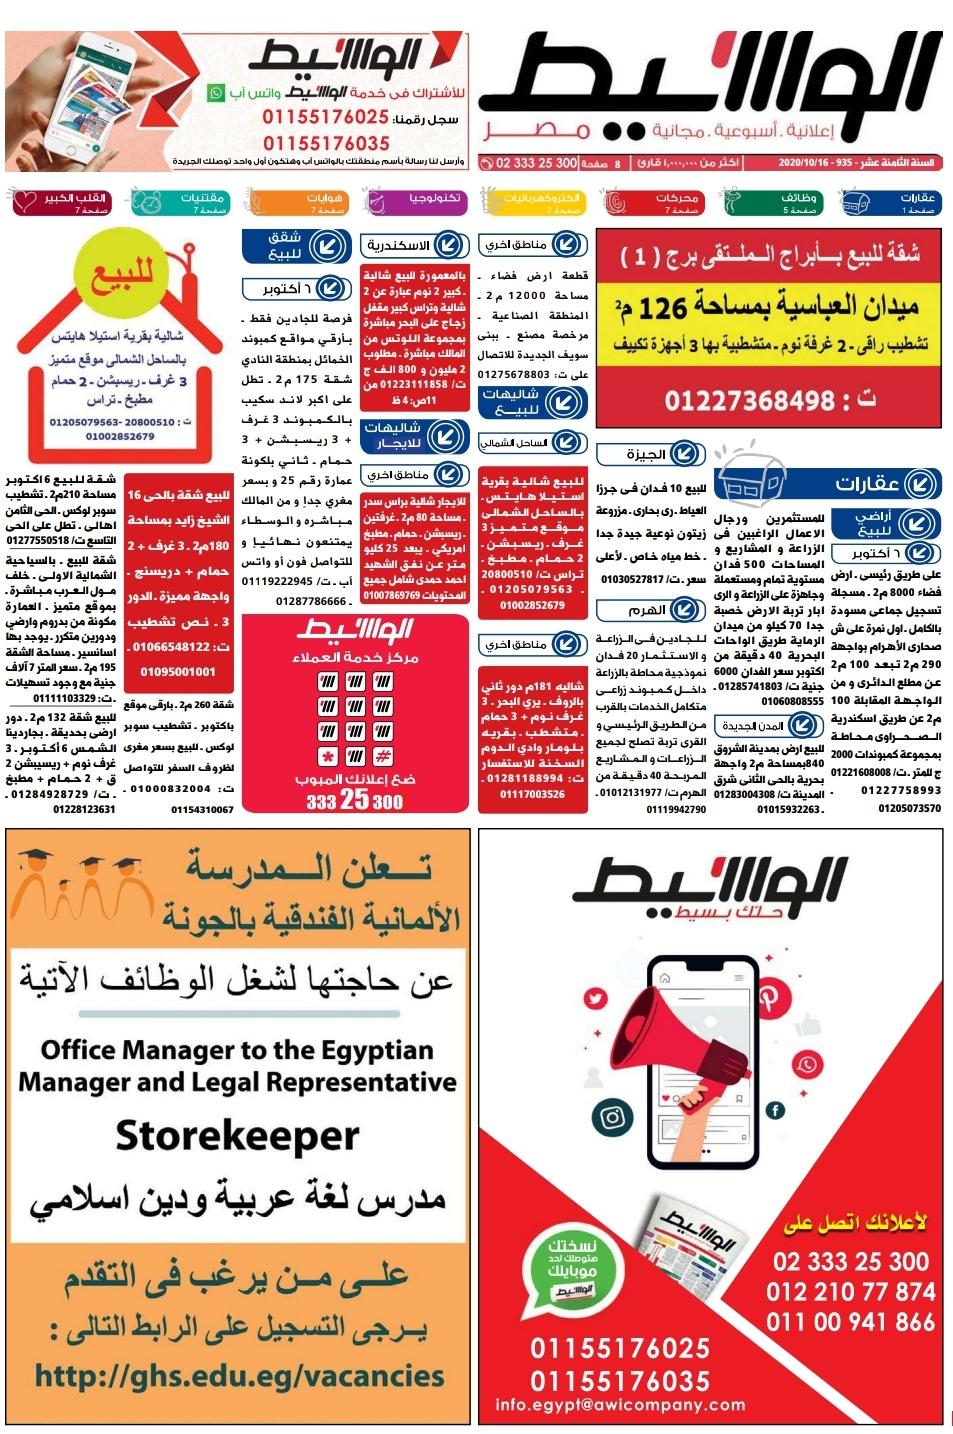 وظائف الوسيط و اعلانات مصر الجمعه 16 اكتوبر 2020 وسيط الجمعه